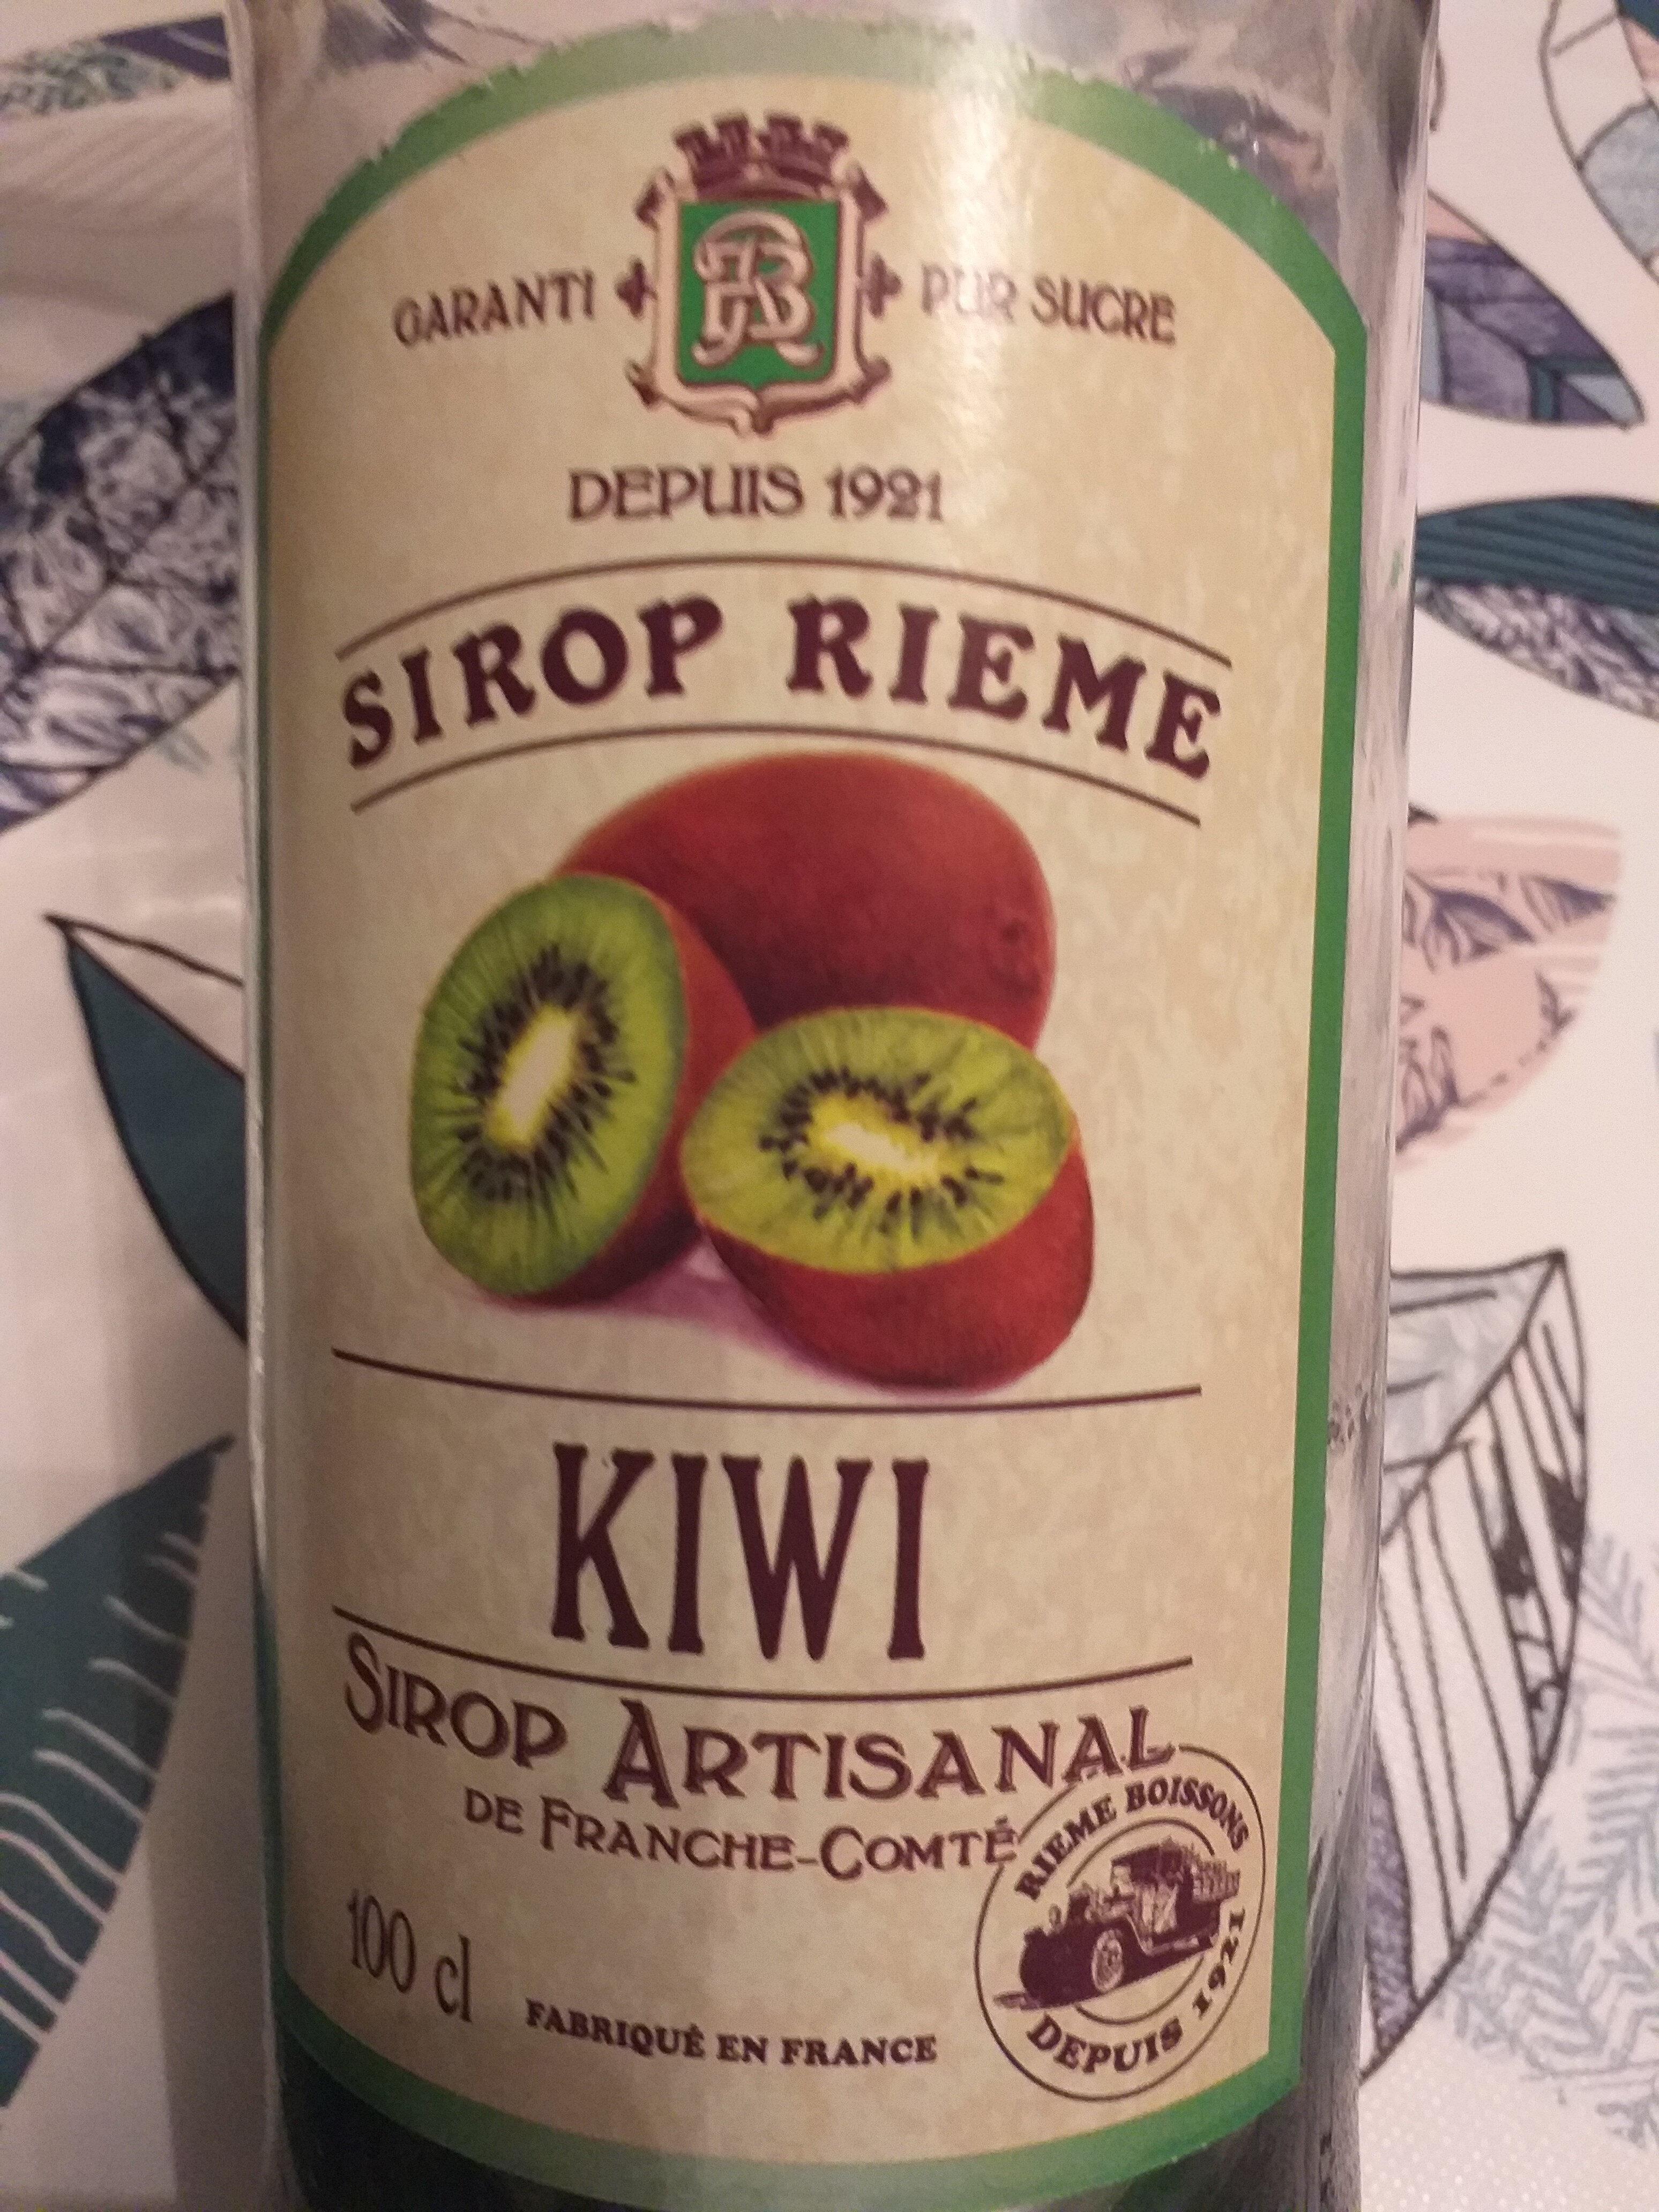 Sirop de kiwi, garanti pour sucre - Produit